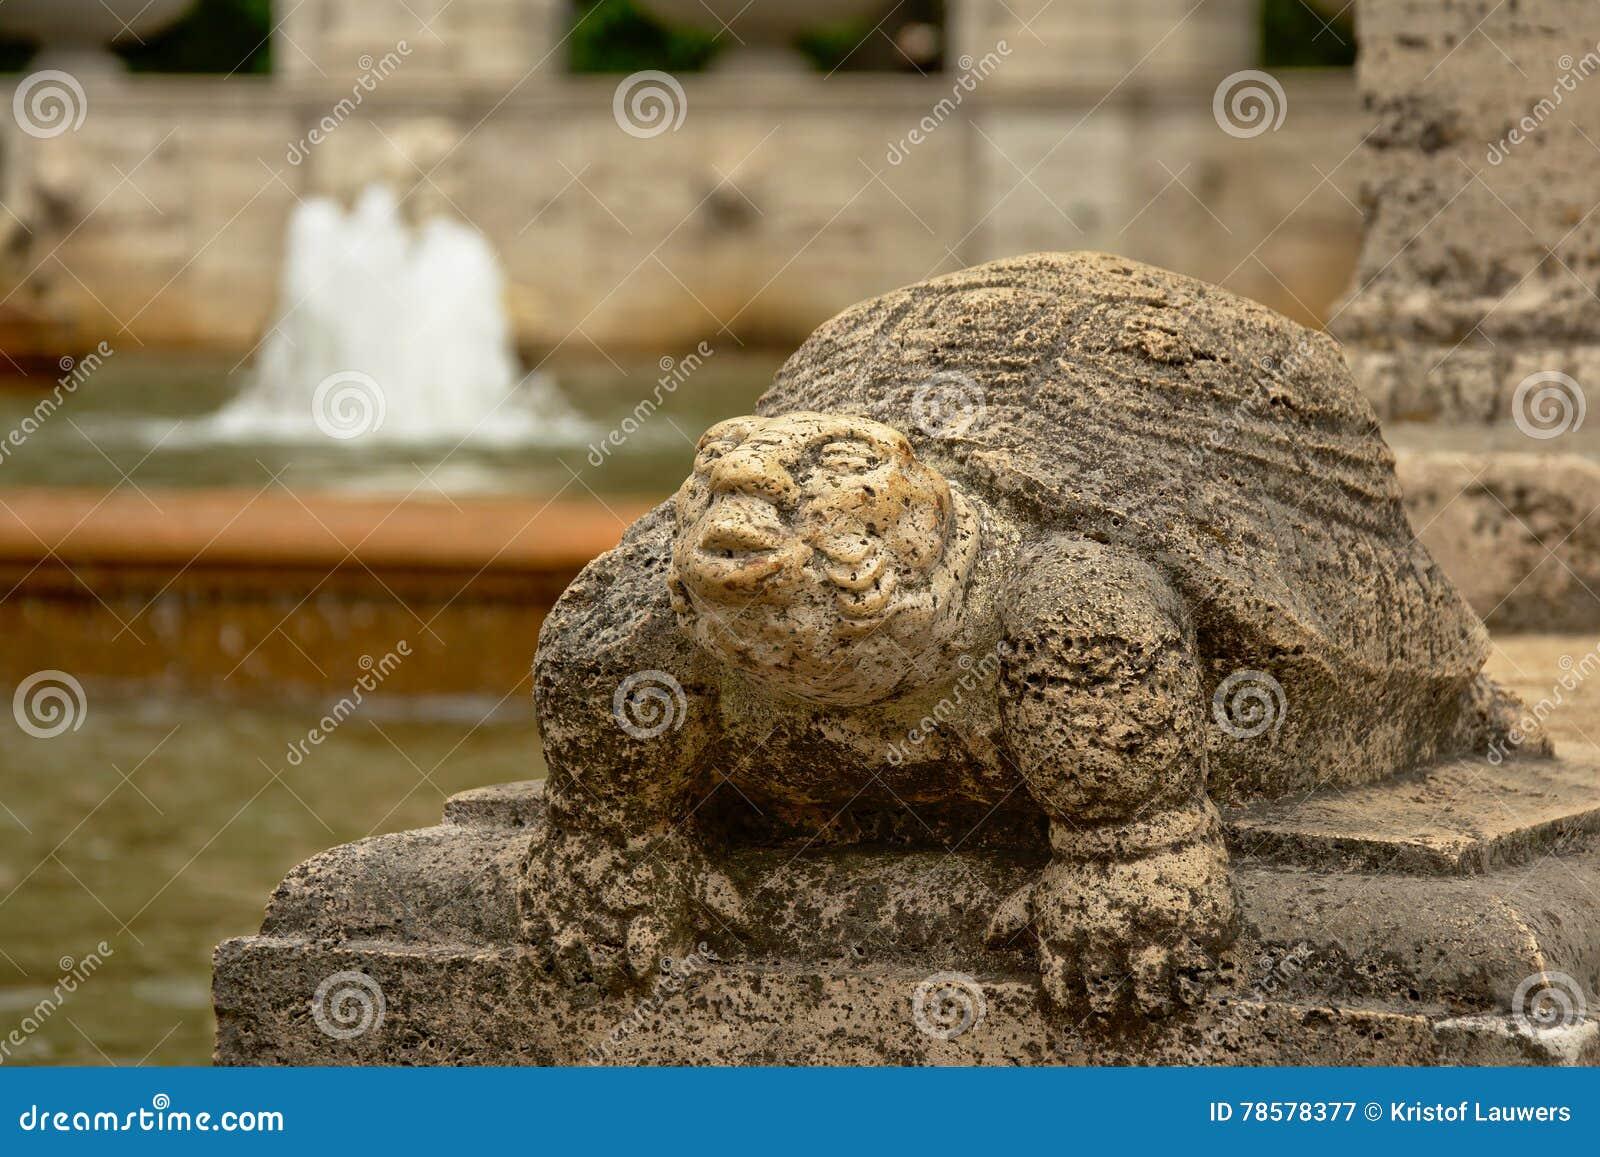 Skulptur Der Schildkröte Detail Des Brunnens Von Märchen In